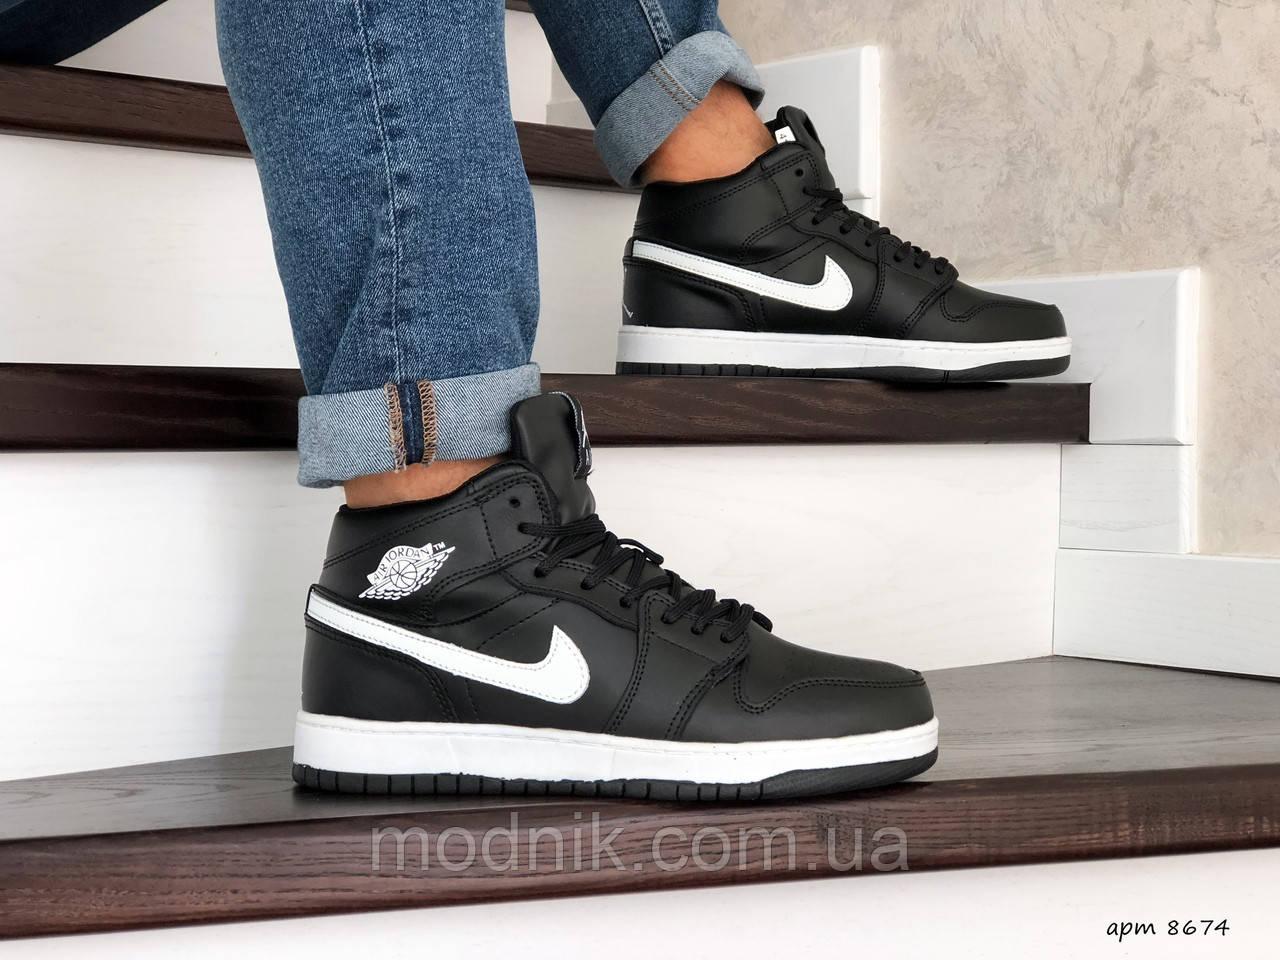 Мужские зимние кроссовки Nike Air Jordan 1 Retro (черно-белые)